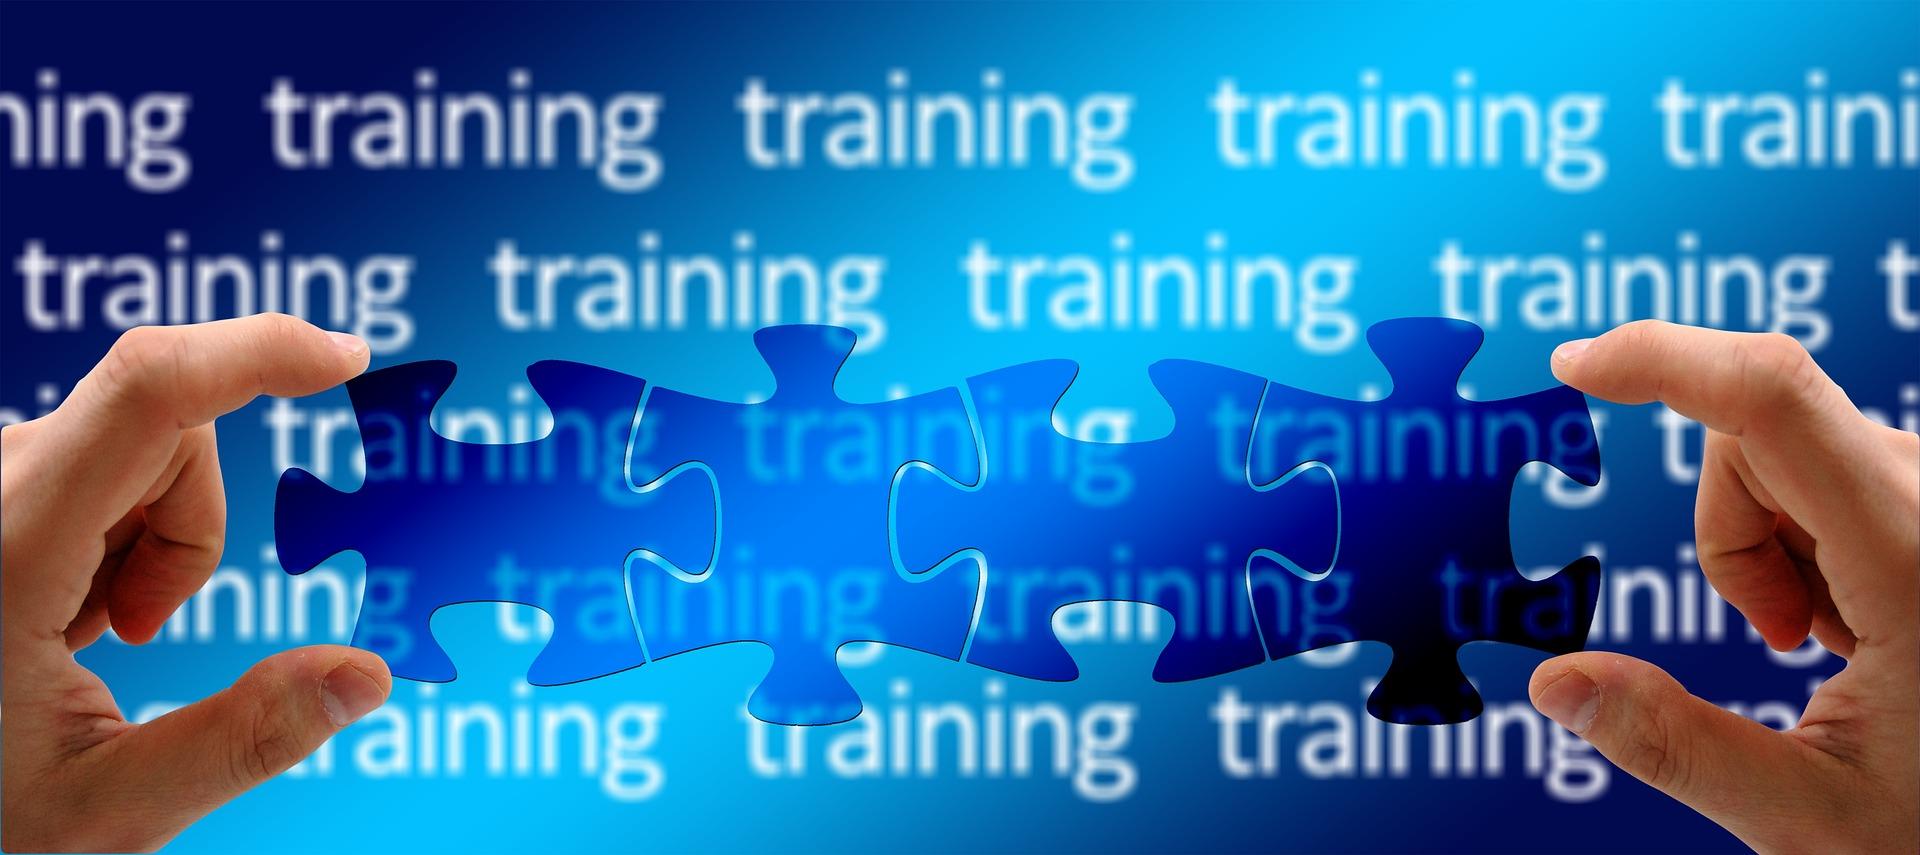 Lincoln Pre-Service Training